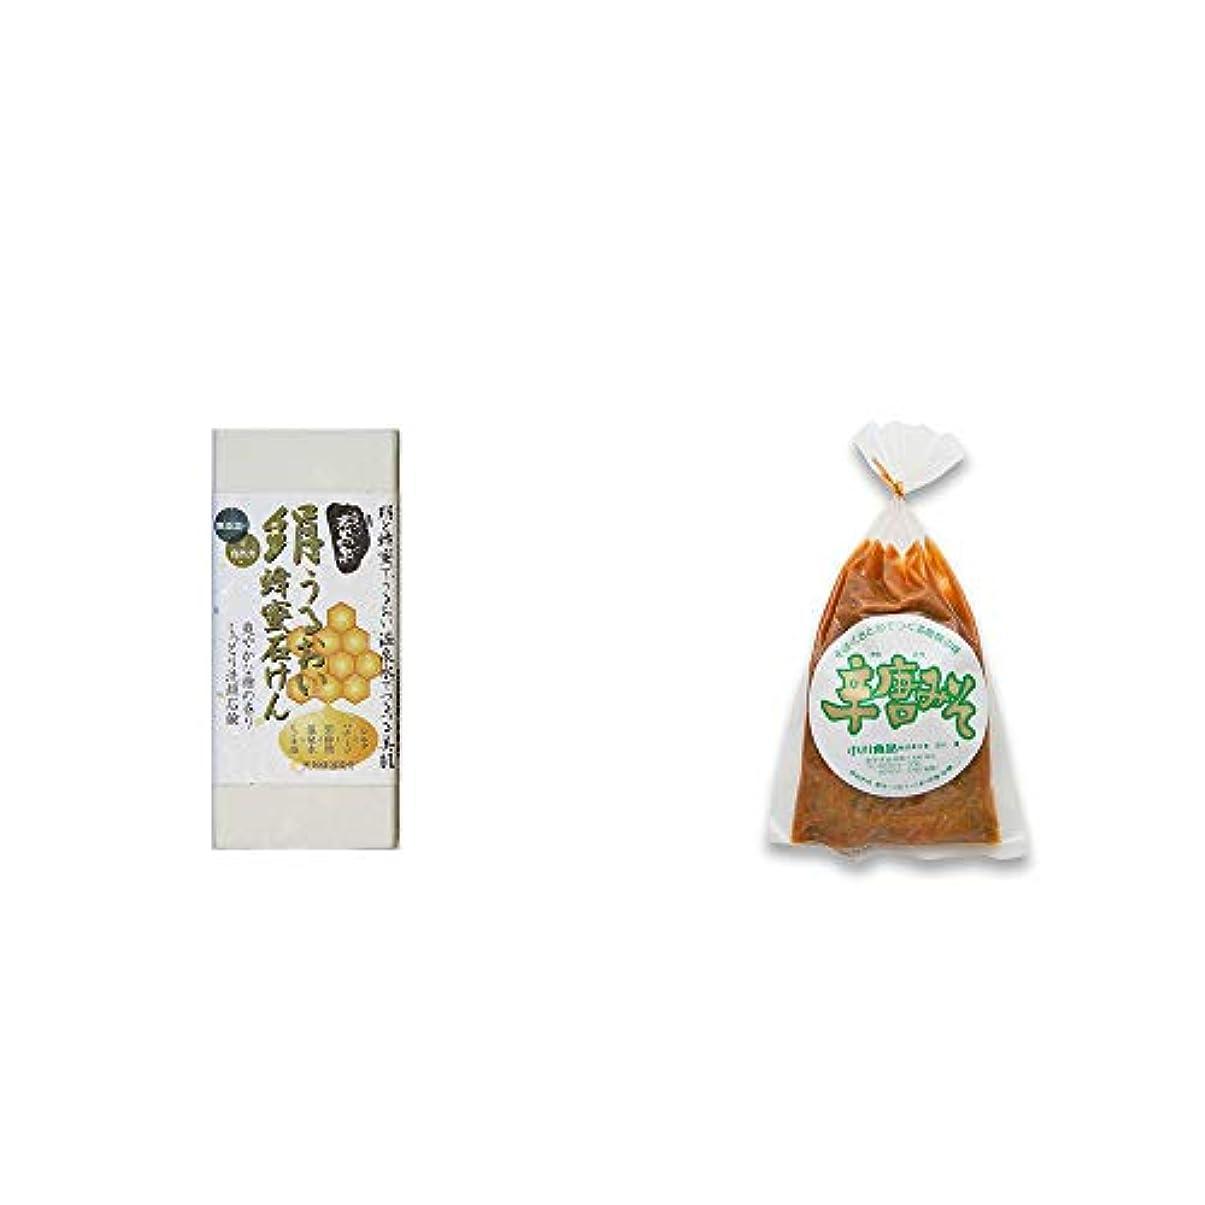 フェードアウトセンブランス装備する[2点セット] ひのき炭黒泉 絹うるおい蜂蜜石けん(75g×2)?辛唐みそ(130g)